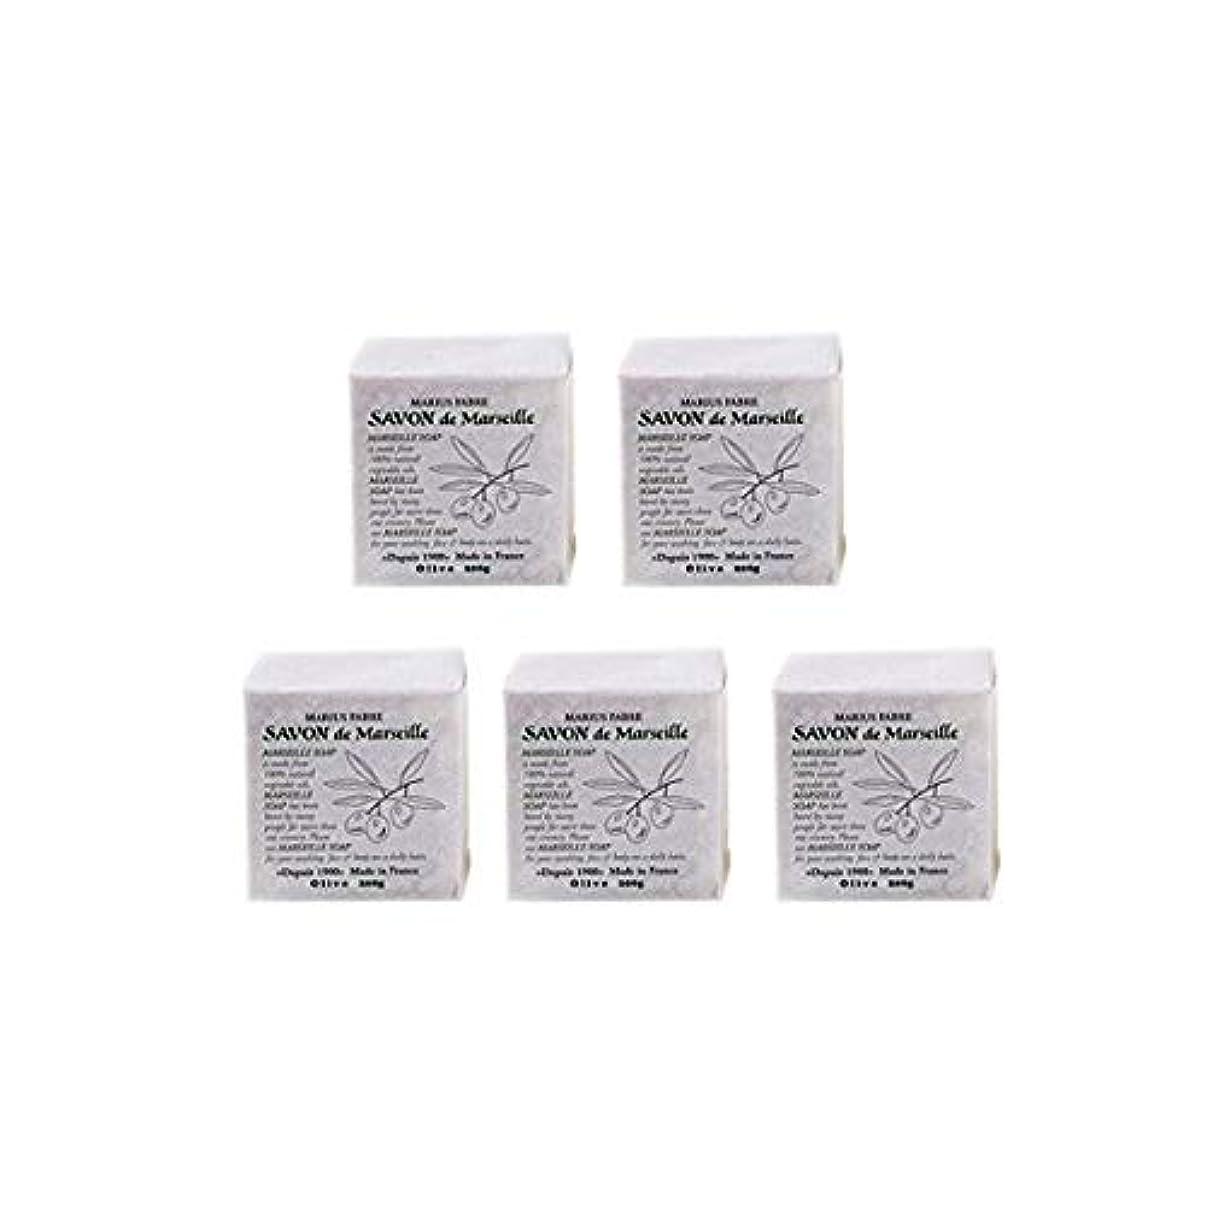 樹木滑りやすい回転するマリウスファーブルサボンドマルセイユ無香料オリーブN(無香料)5個セット(200g×5個)マリウスファーブルのマルセイユ石鹸 無香料